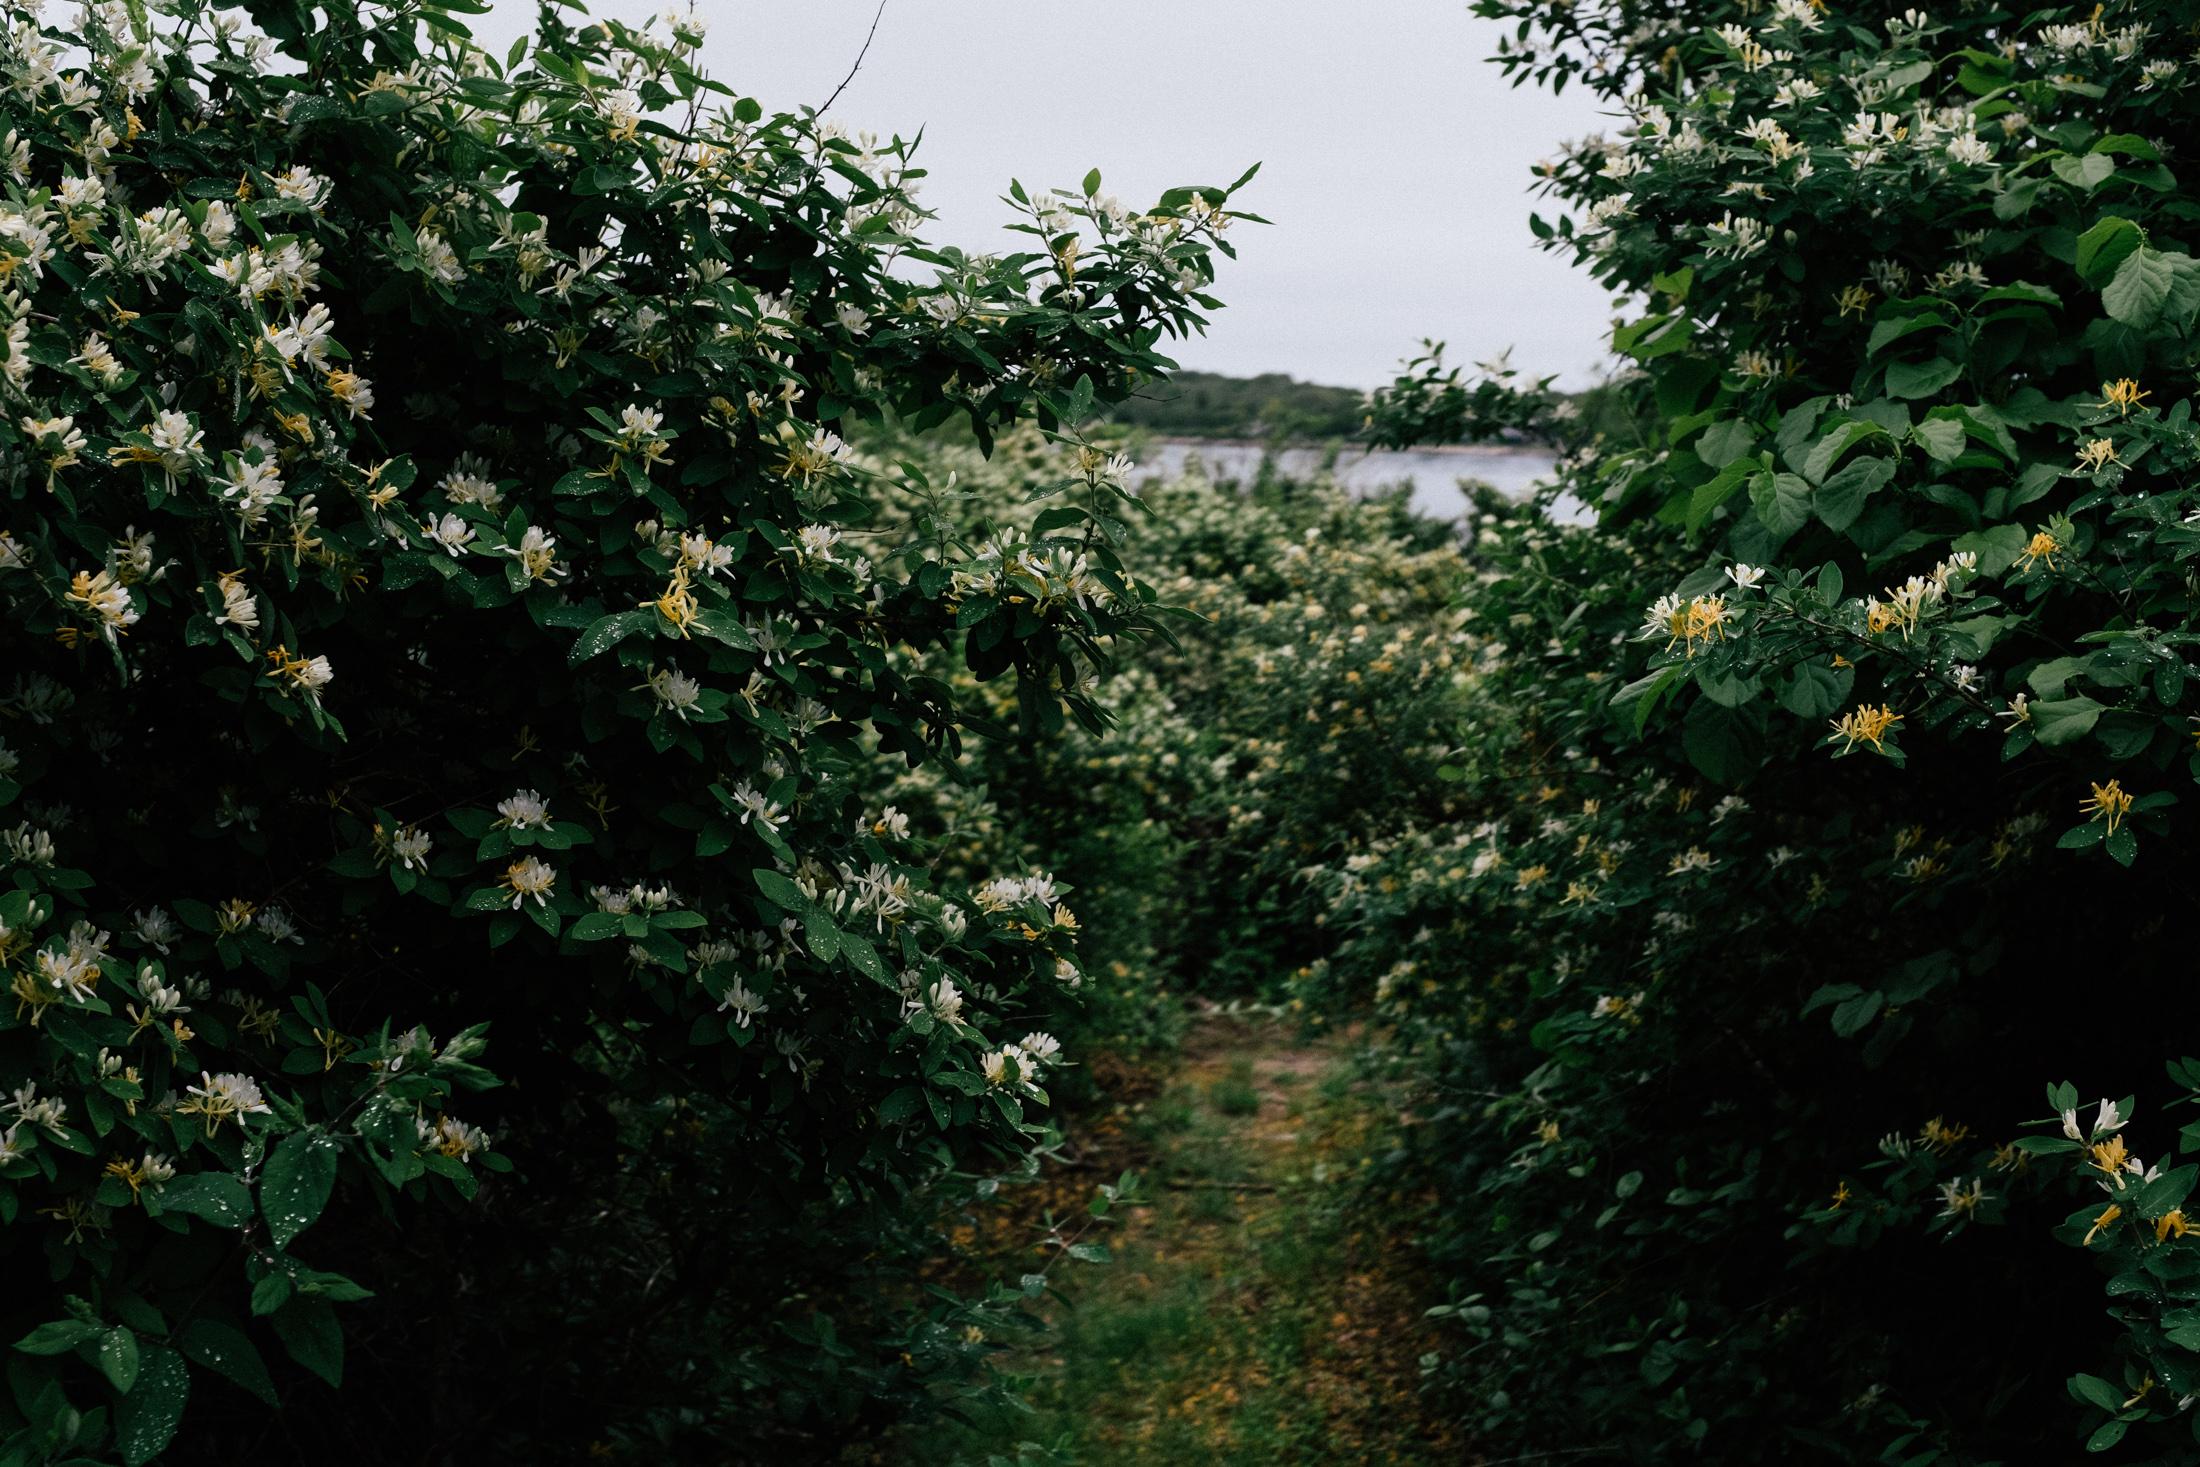 fujifilm_x100f-6654.jpg